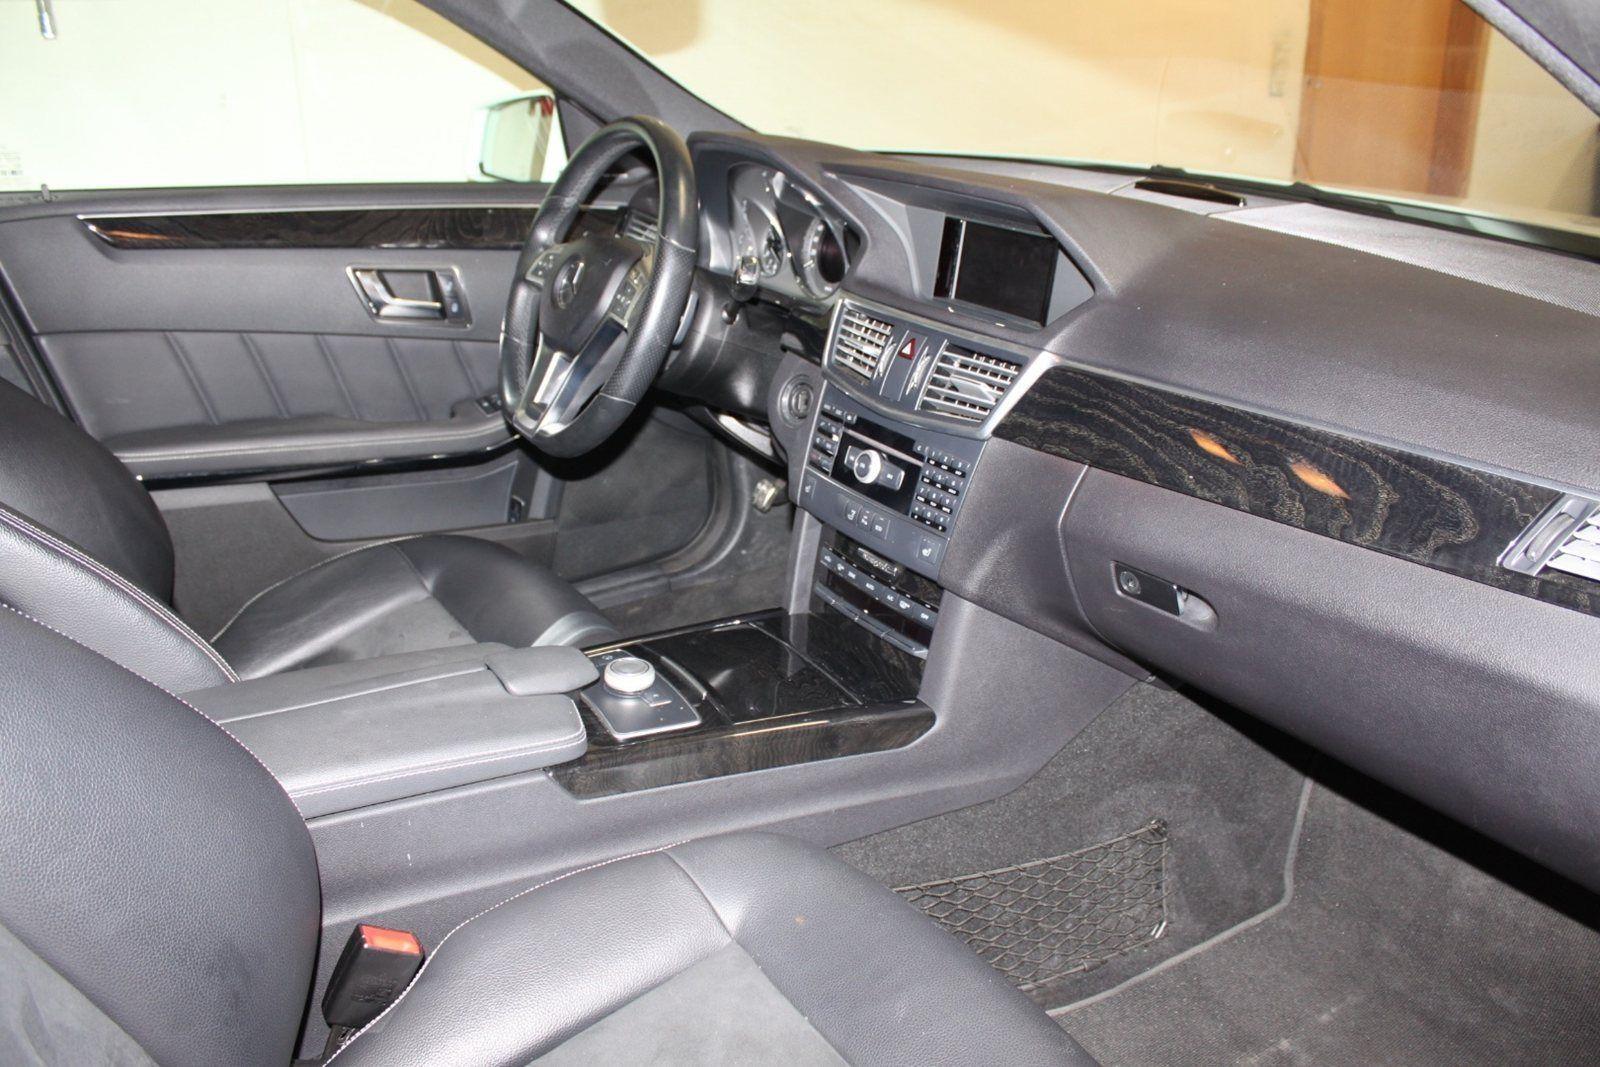 Mercedes E250 2,2 CDi Avantgarde stc. aut. BE 5d, Hvid